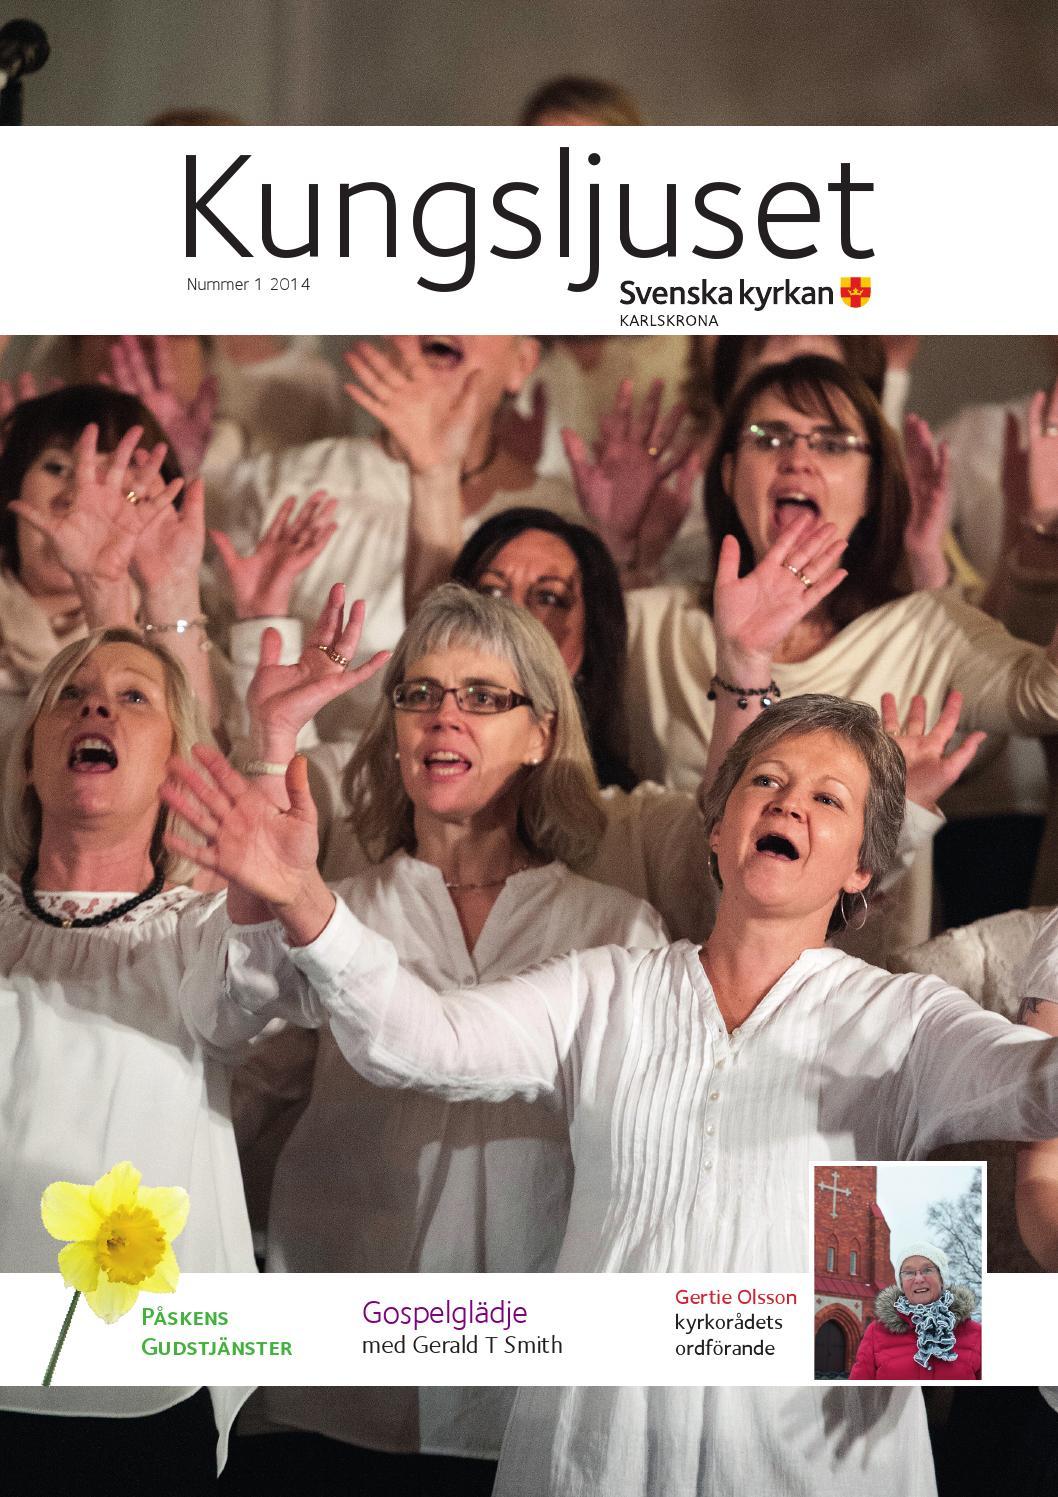 Chatta och dejta online i Karlskrona | Trffa kvinnor och mn i